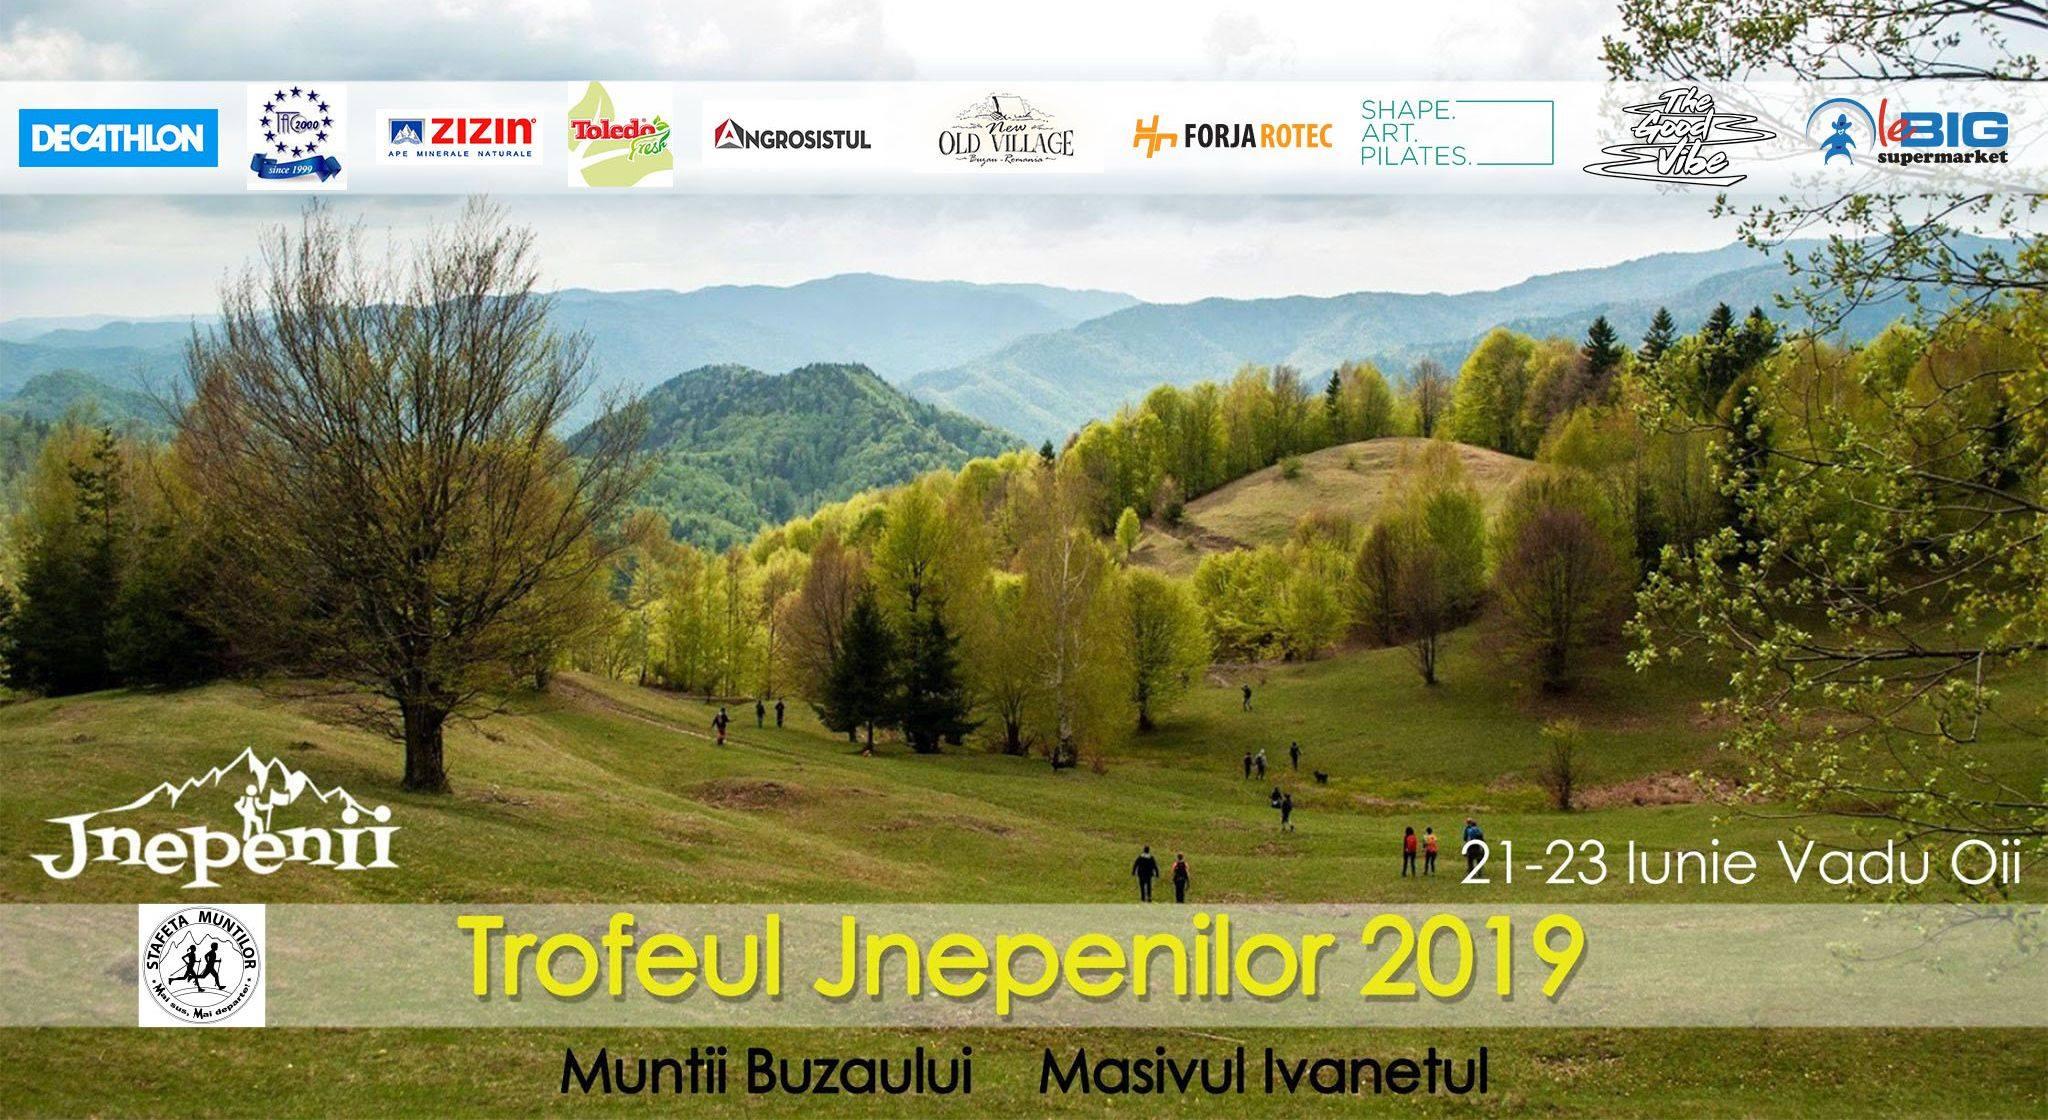 foto_comunicat_jnepenii